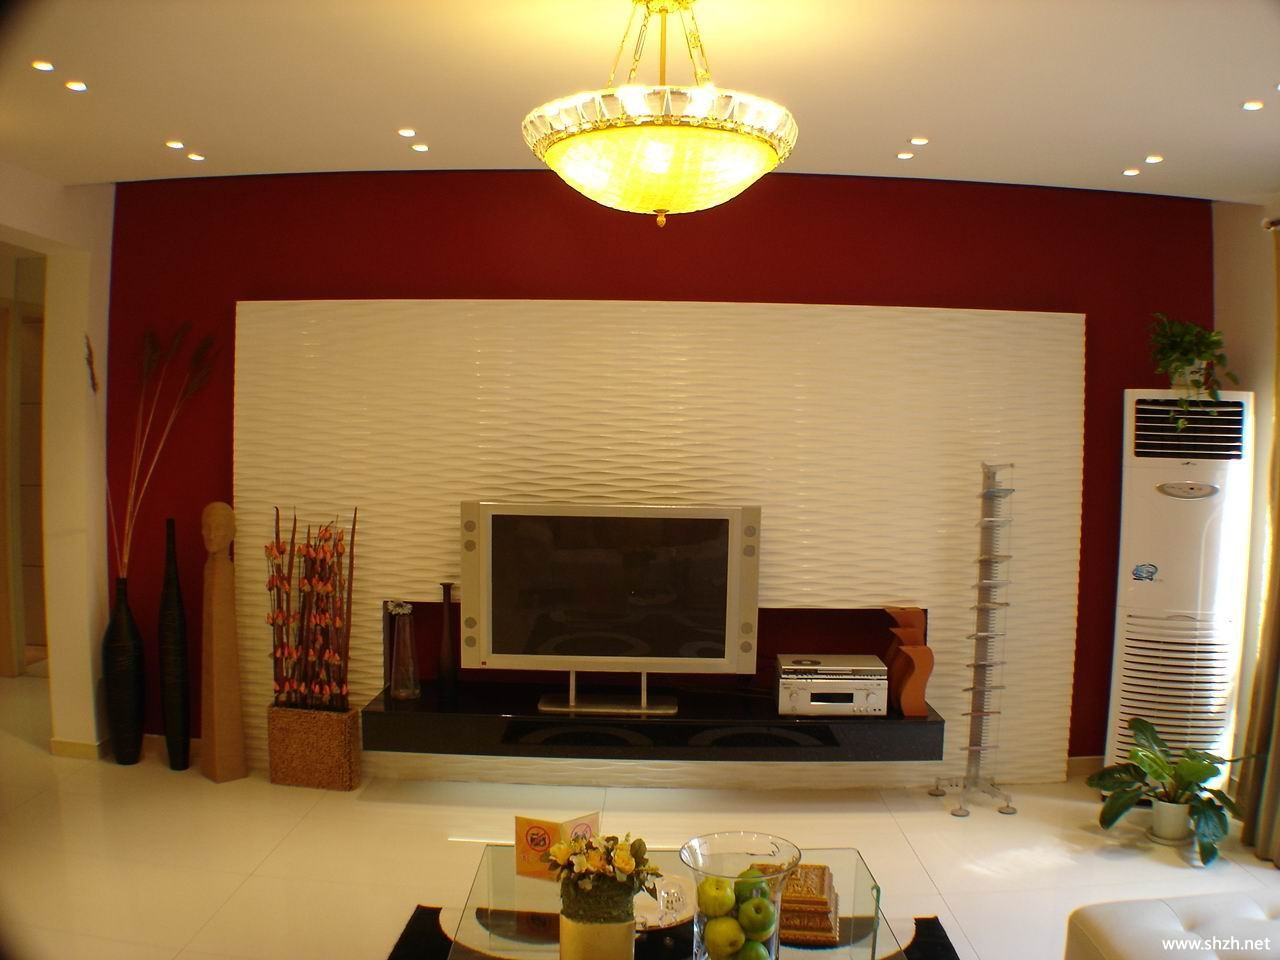 客厅电视柜背景墙-上海装潢网